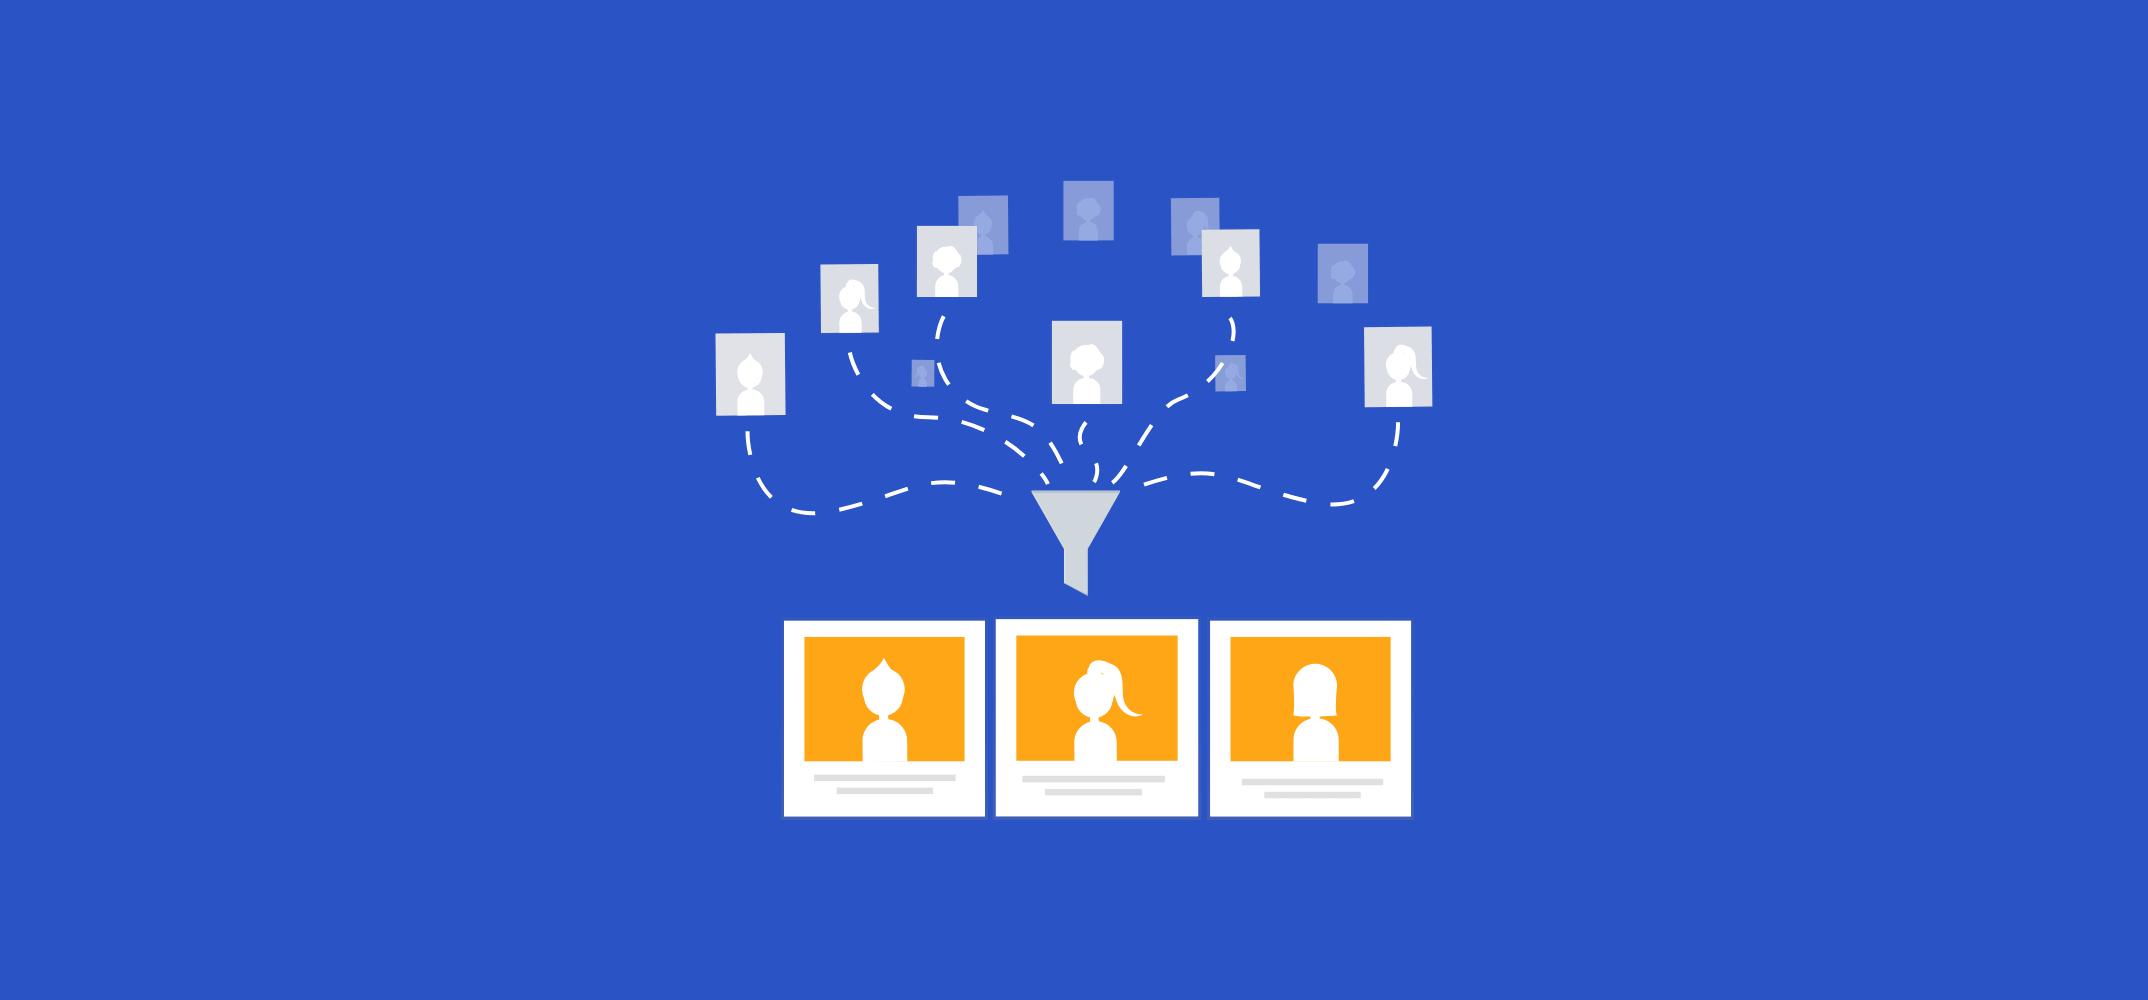 Segmentacja użytkowników dla targetowanych Wi-Fi reklam